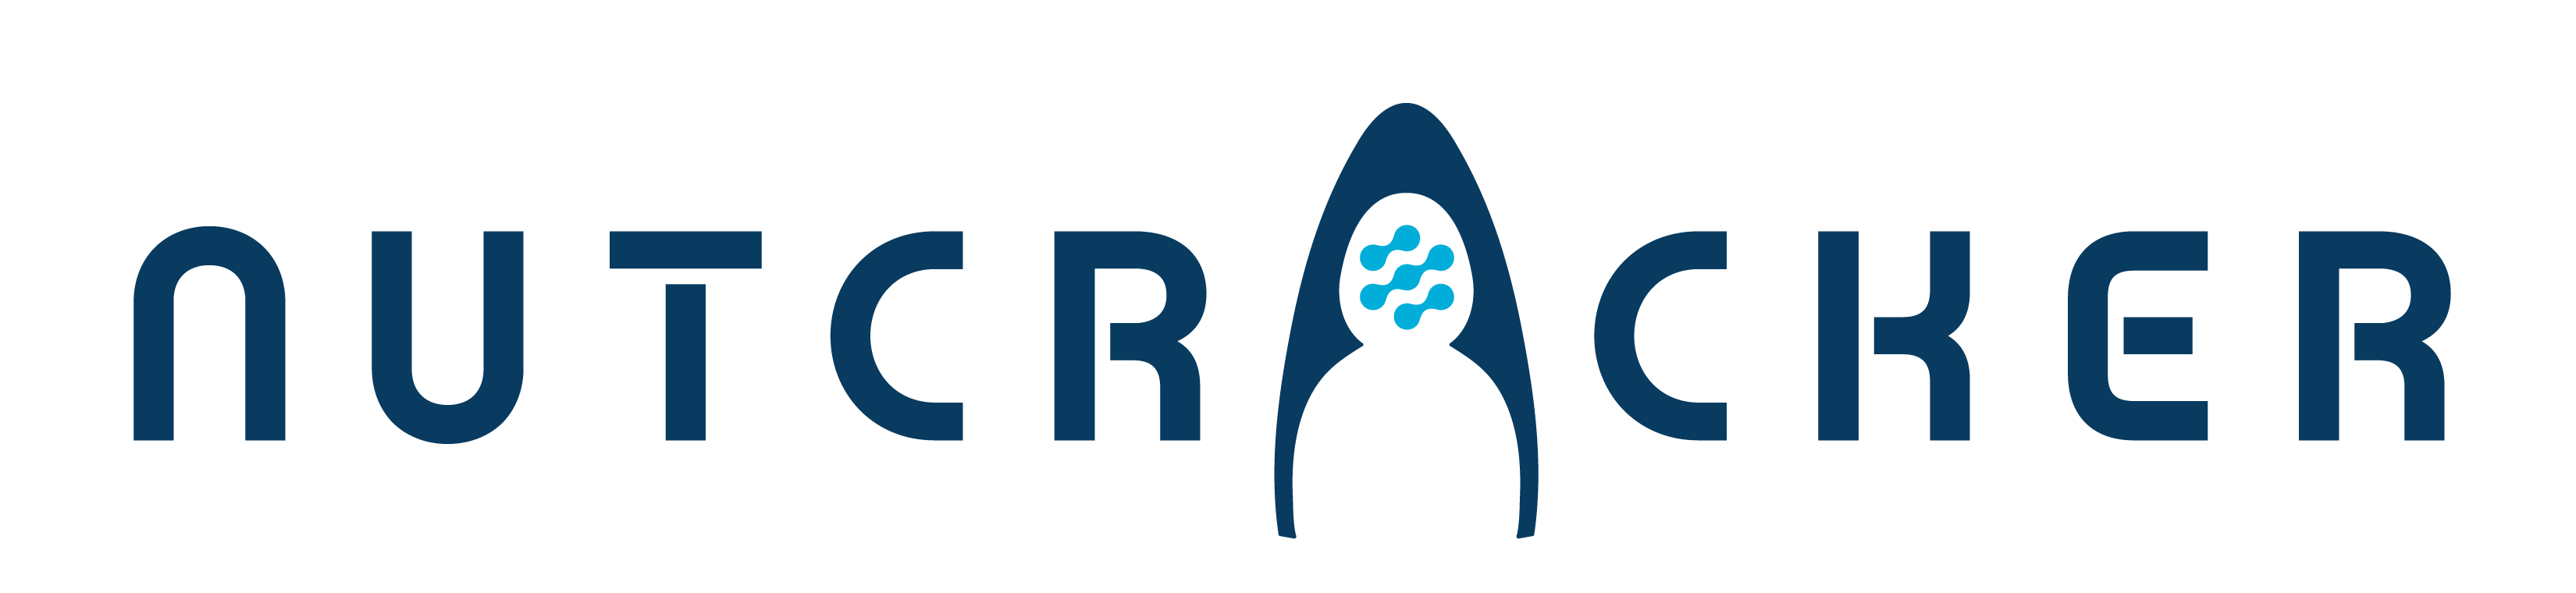 Nutcracker Therapeutics logo